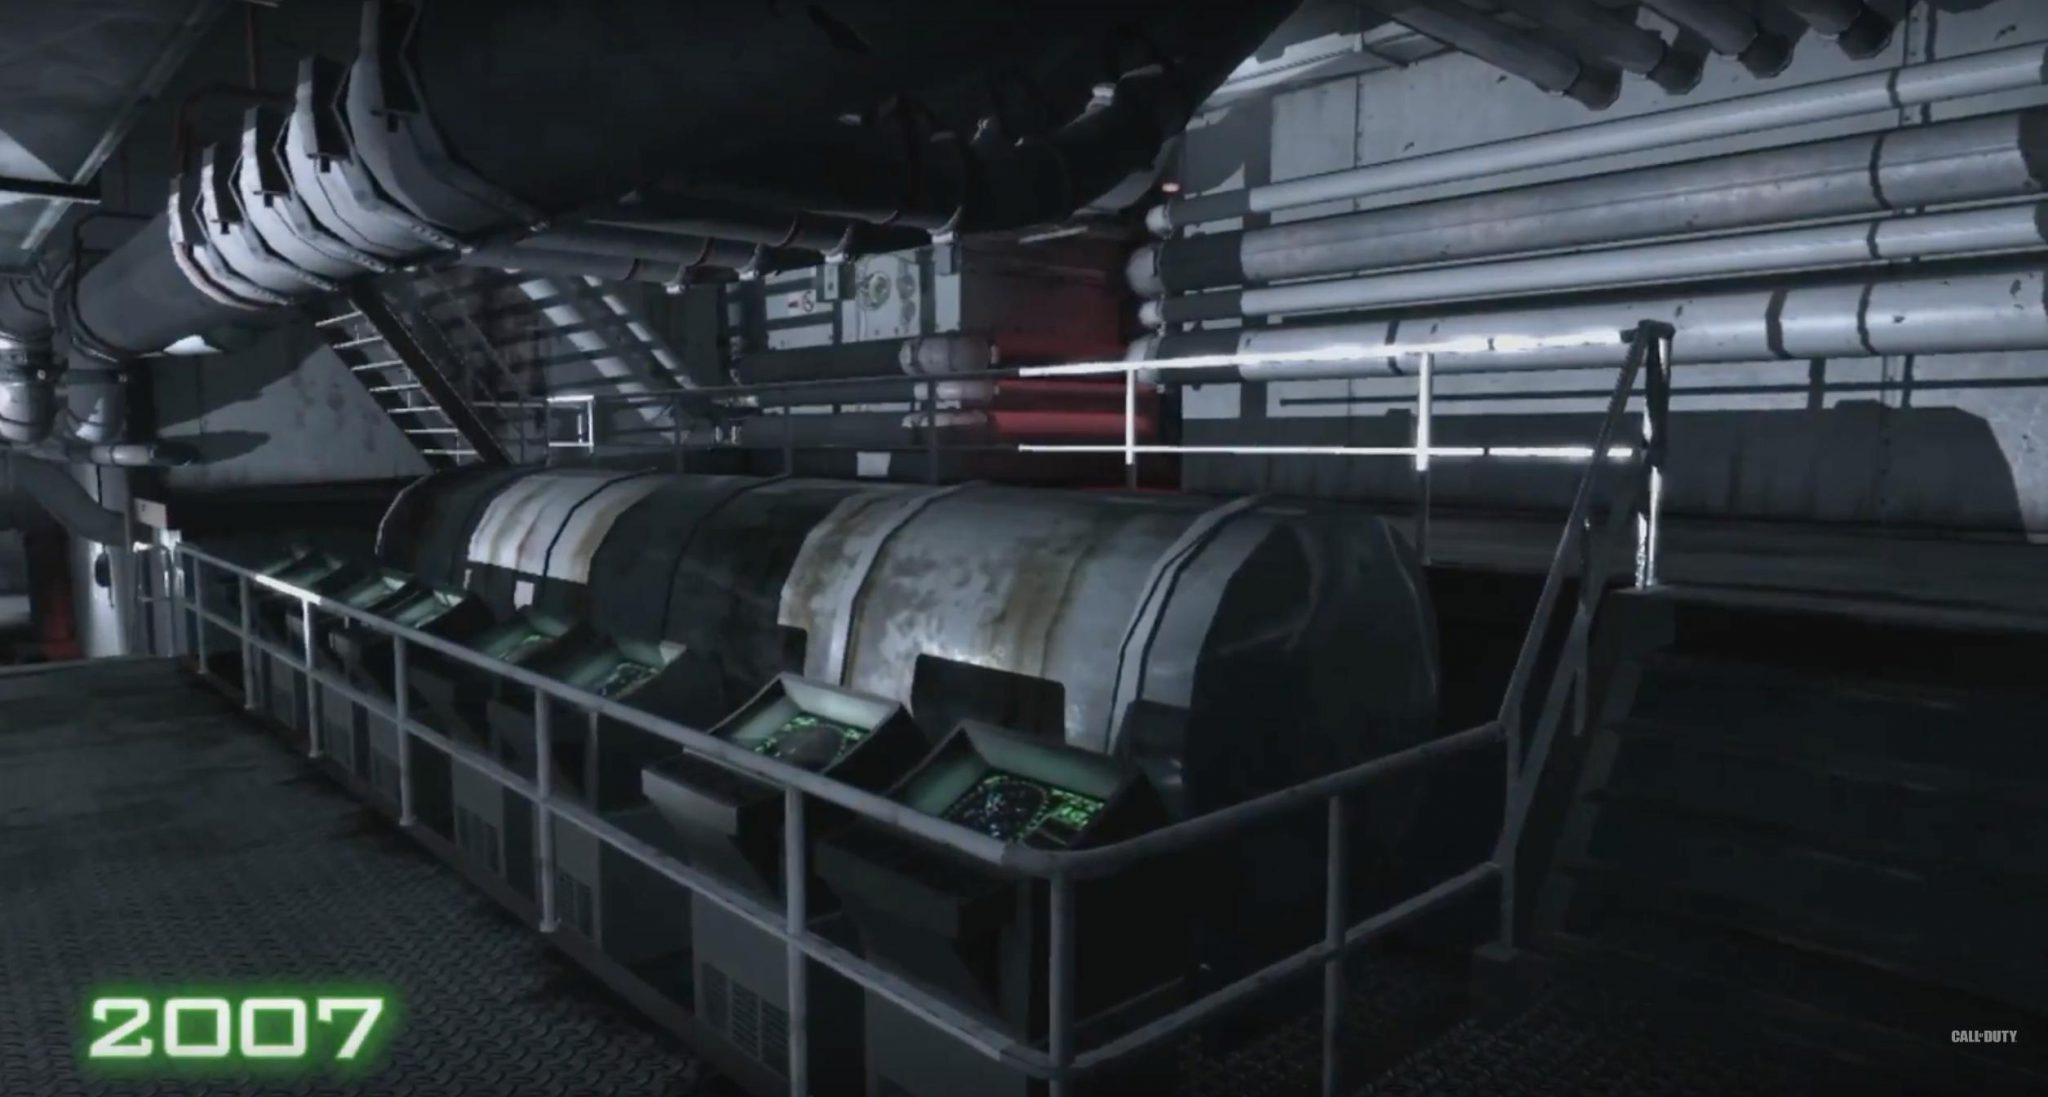 Call of Duty 4 Modern Warfare 4.2